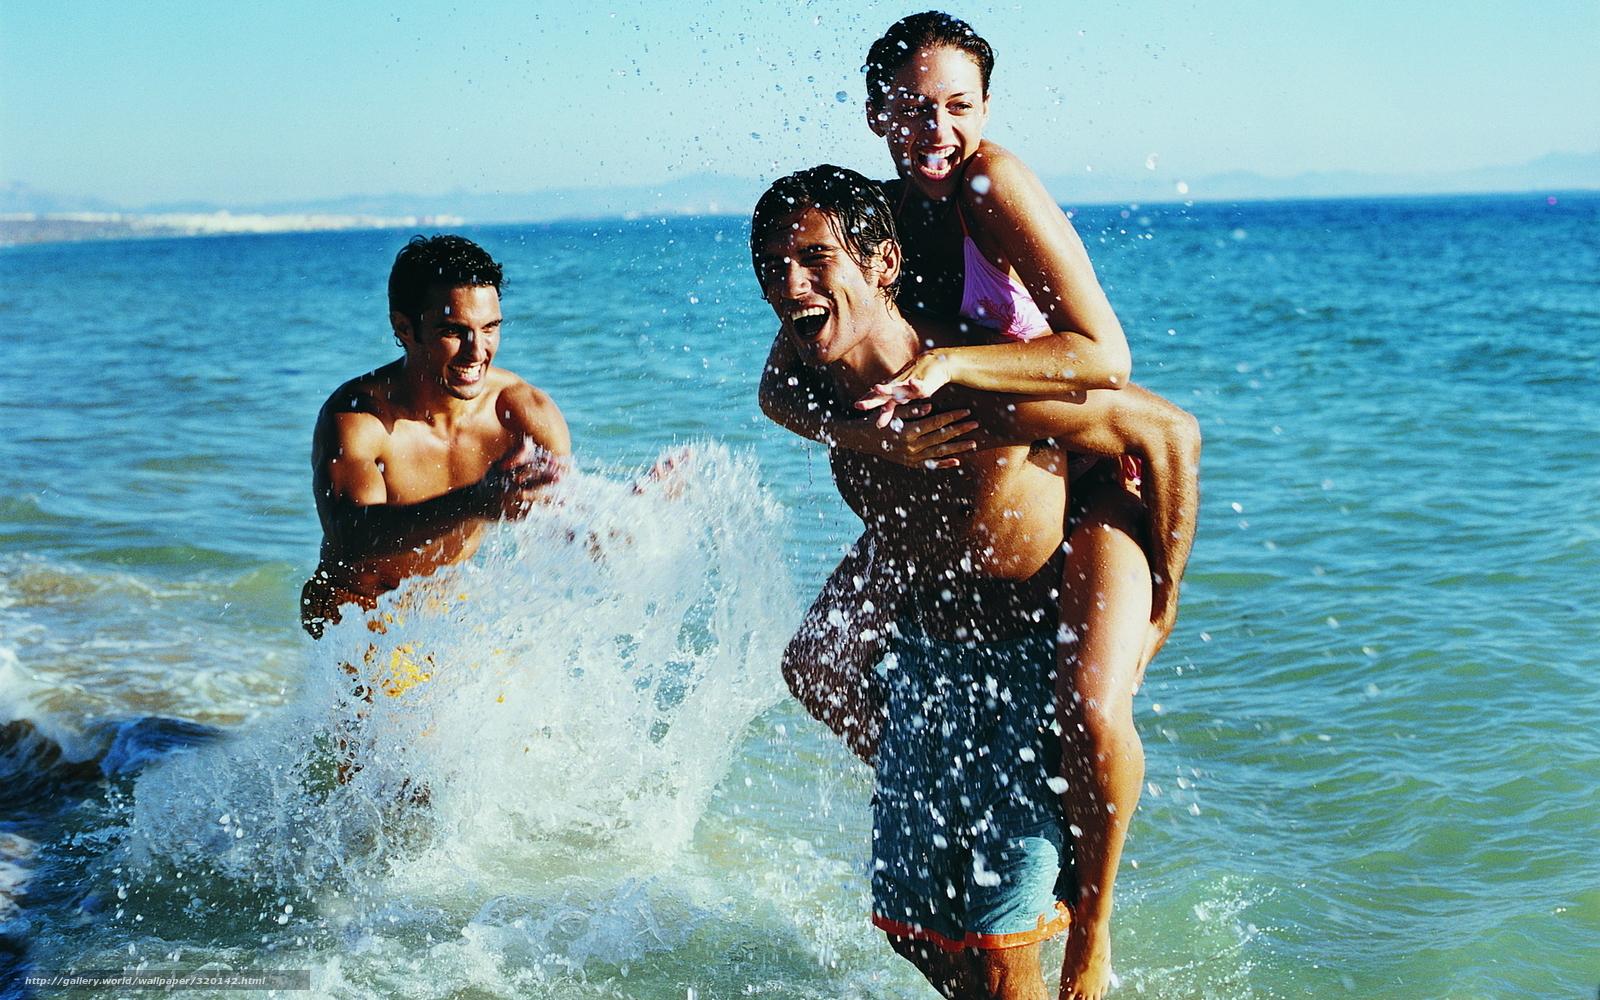 Смотреть бесплатно фото от которой купаться охота 5 фотография